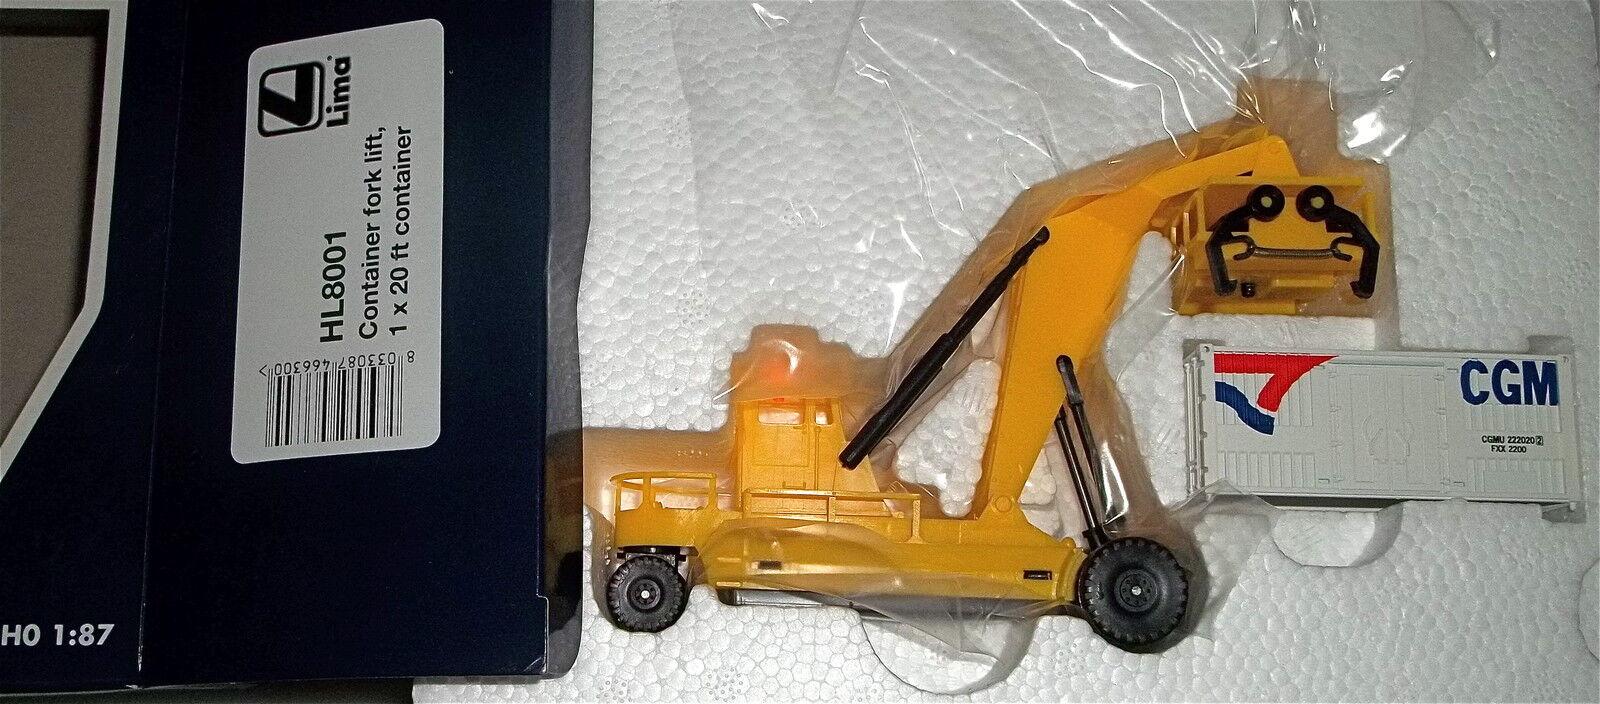 Chariot Élévateur pour CONTAINER FORK LIFT Hornby Lima hl8001 1 87 Neuf dans sa boîte b2 μ